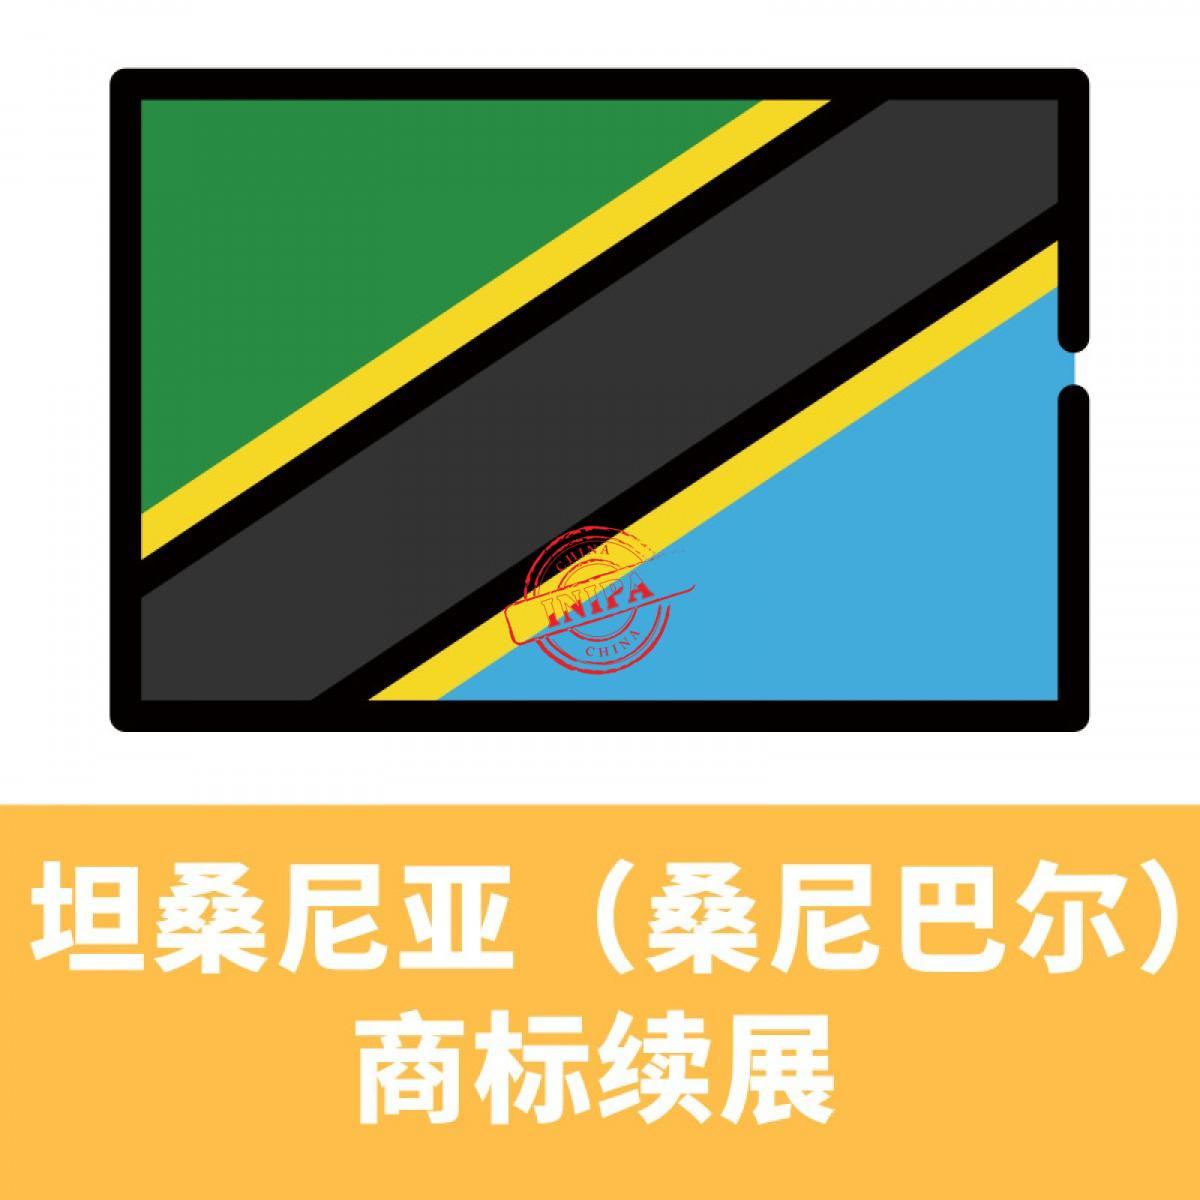 坦桑尼亚(桑给巴尔)商标续展/Tanzania (Zanzibar) trademark renewal